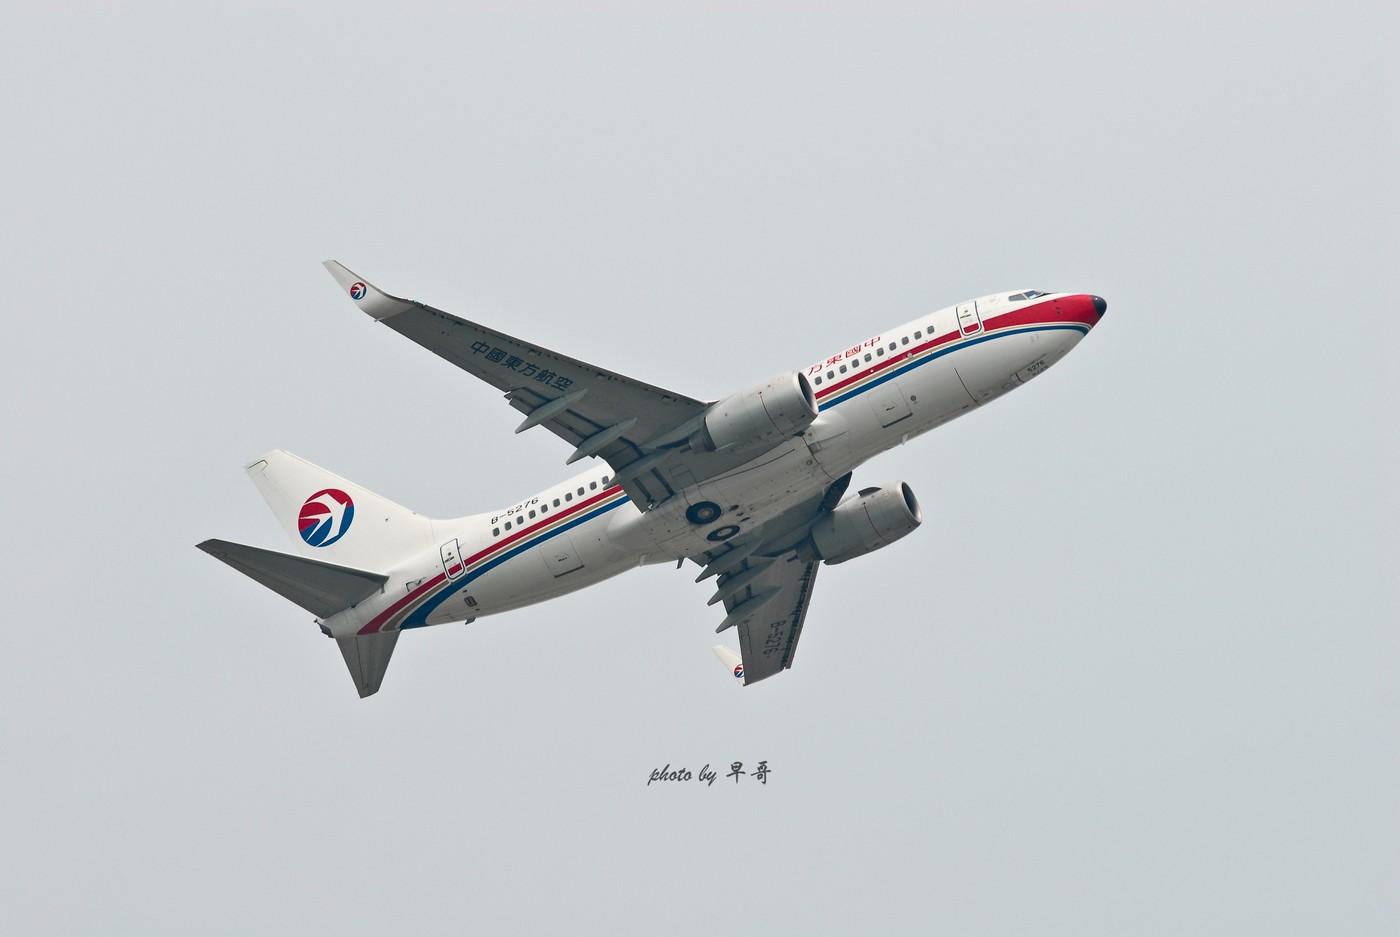 Re:[原创]【CKG打机队】用20跑道的日子,只能拍拍起飞咯! BOEING 737-700 B-5276 中国重庆江北机场